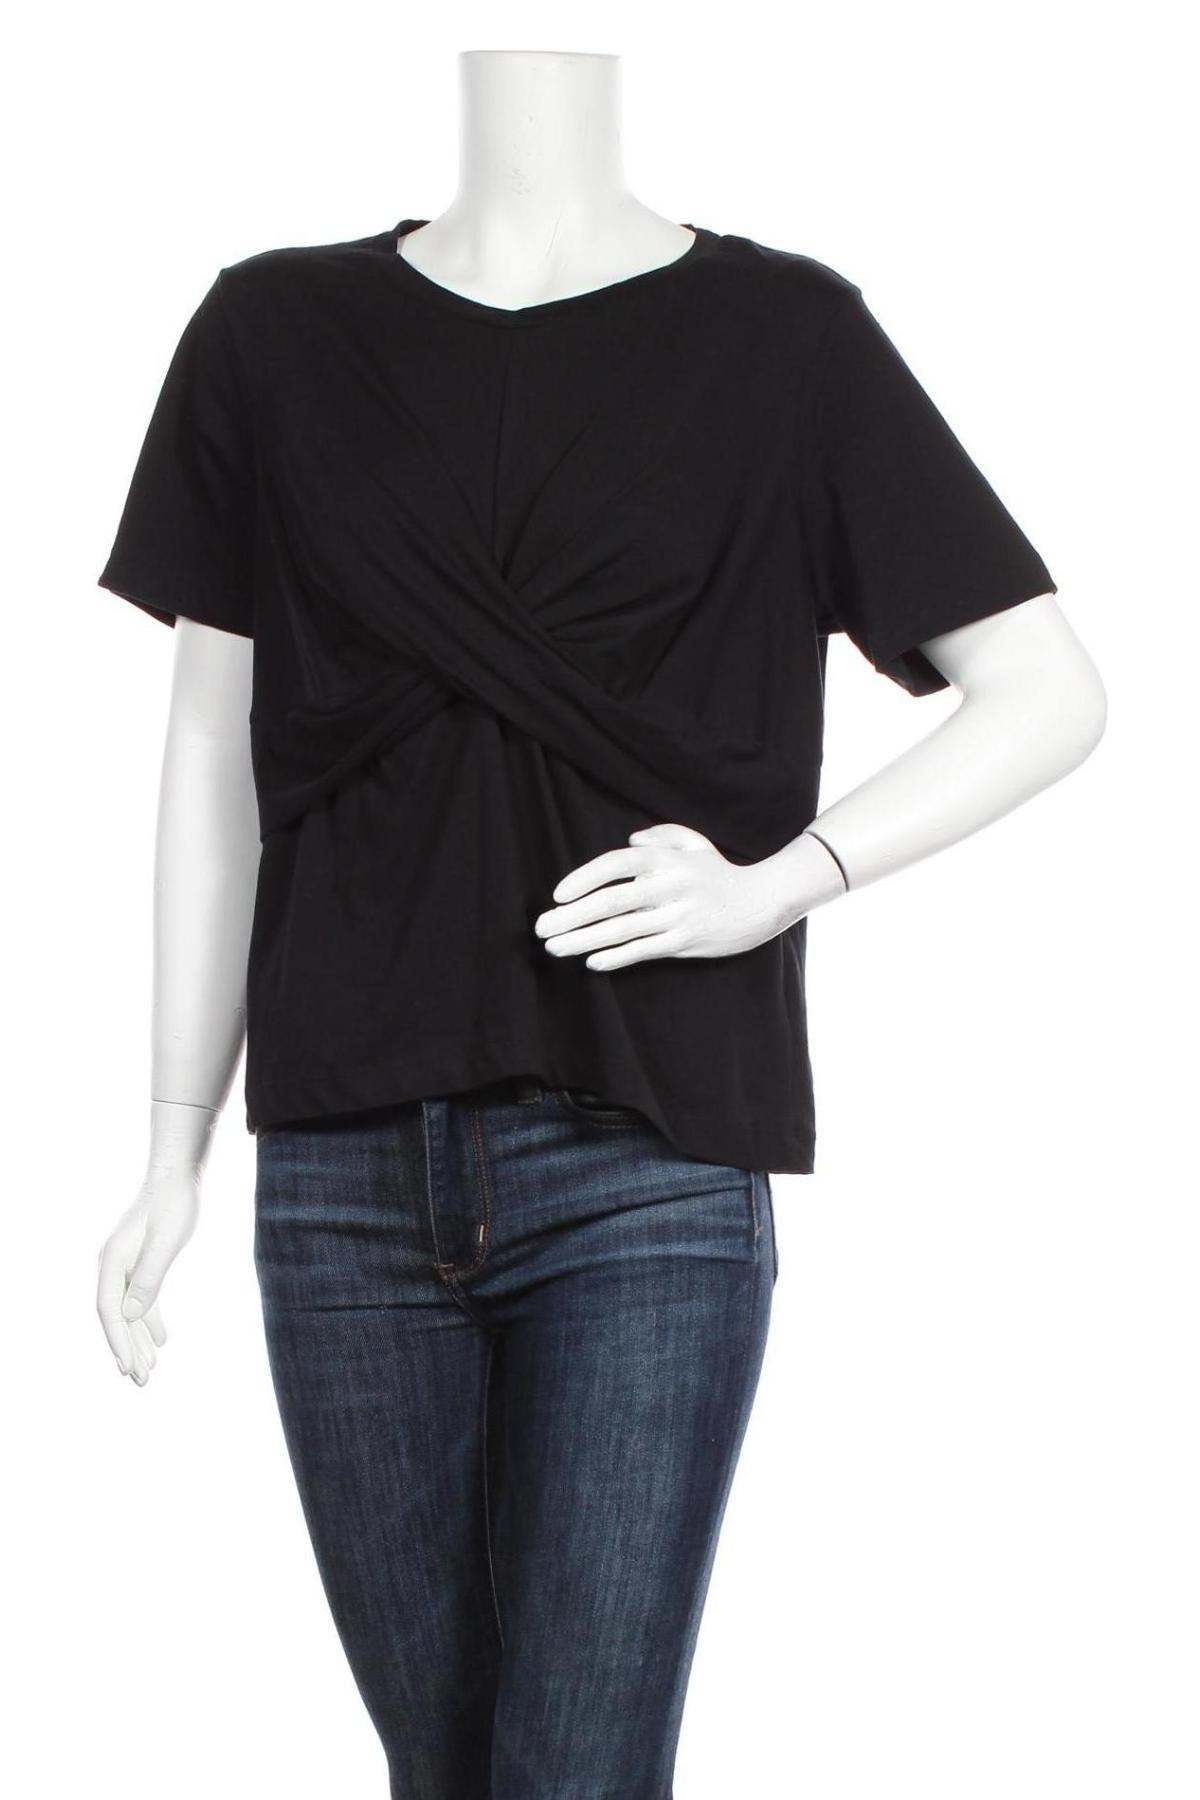 Γυναικεία μπλούζα Dr. Denim, Μέγεθος XL, Χρώμα Μαύρο, 100% βαμβάκι, Τιμή 13,92€